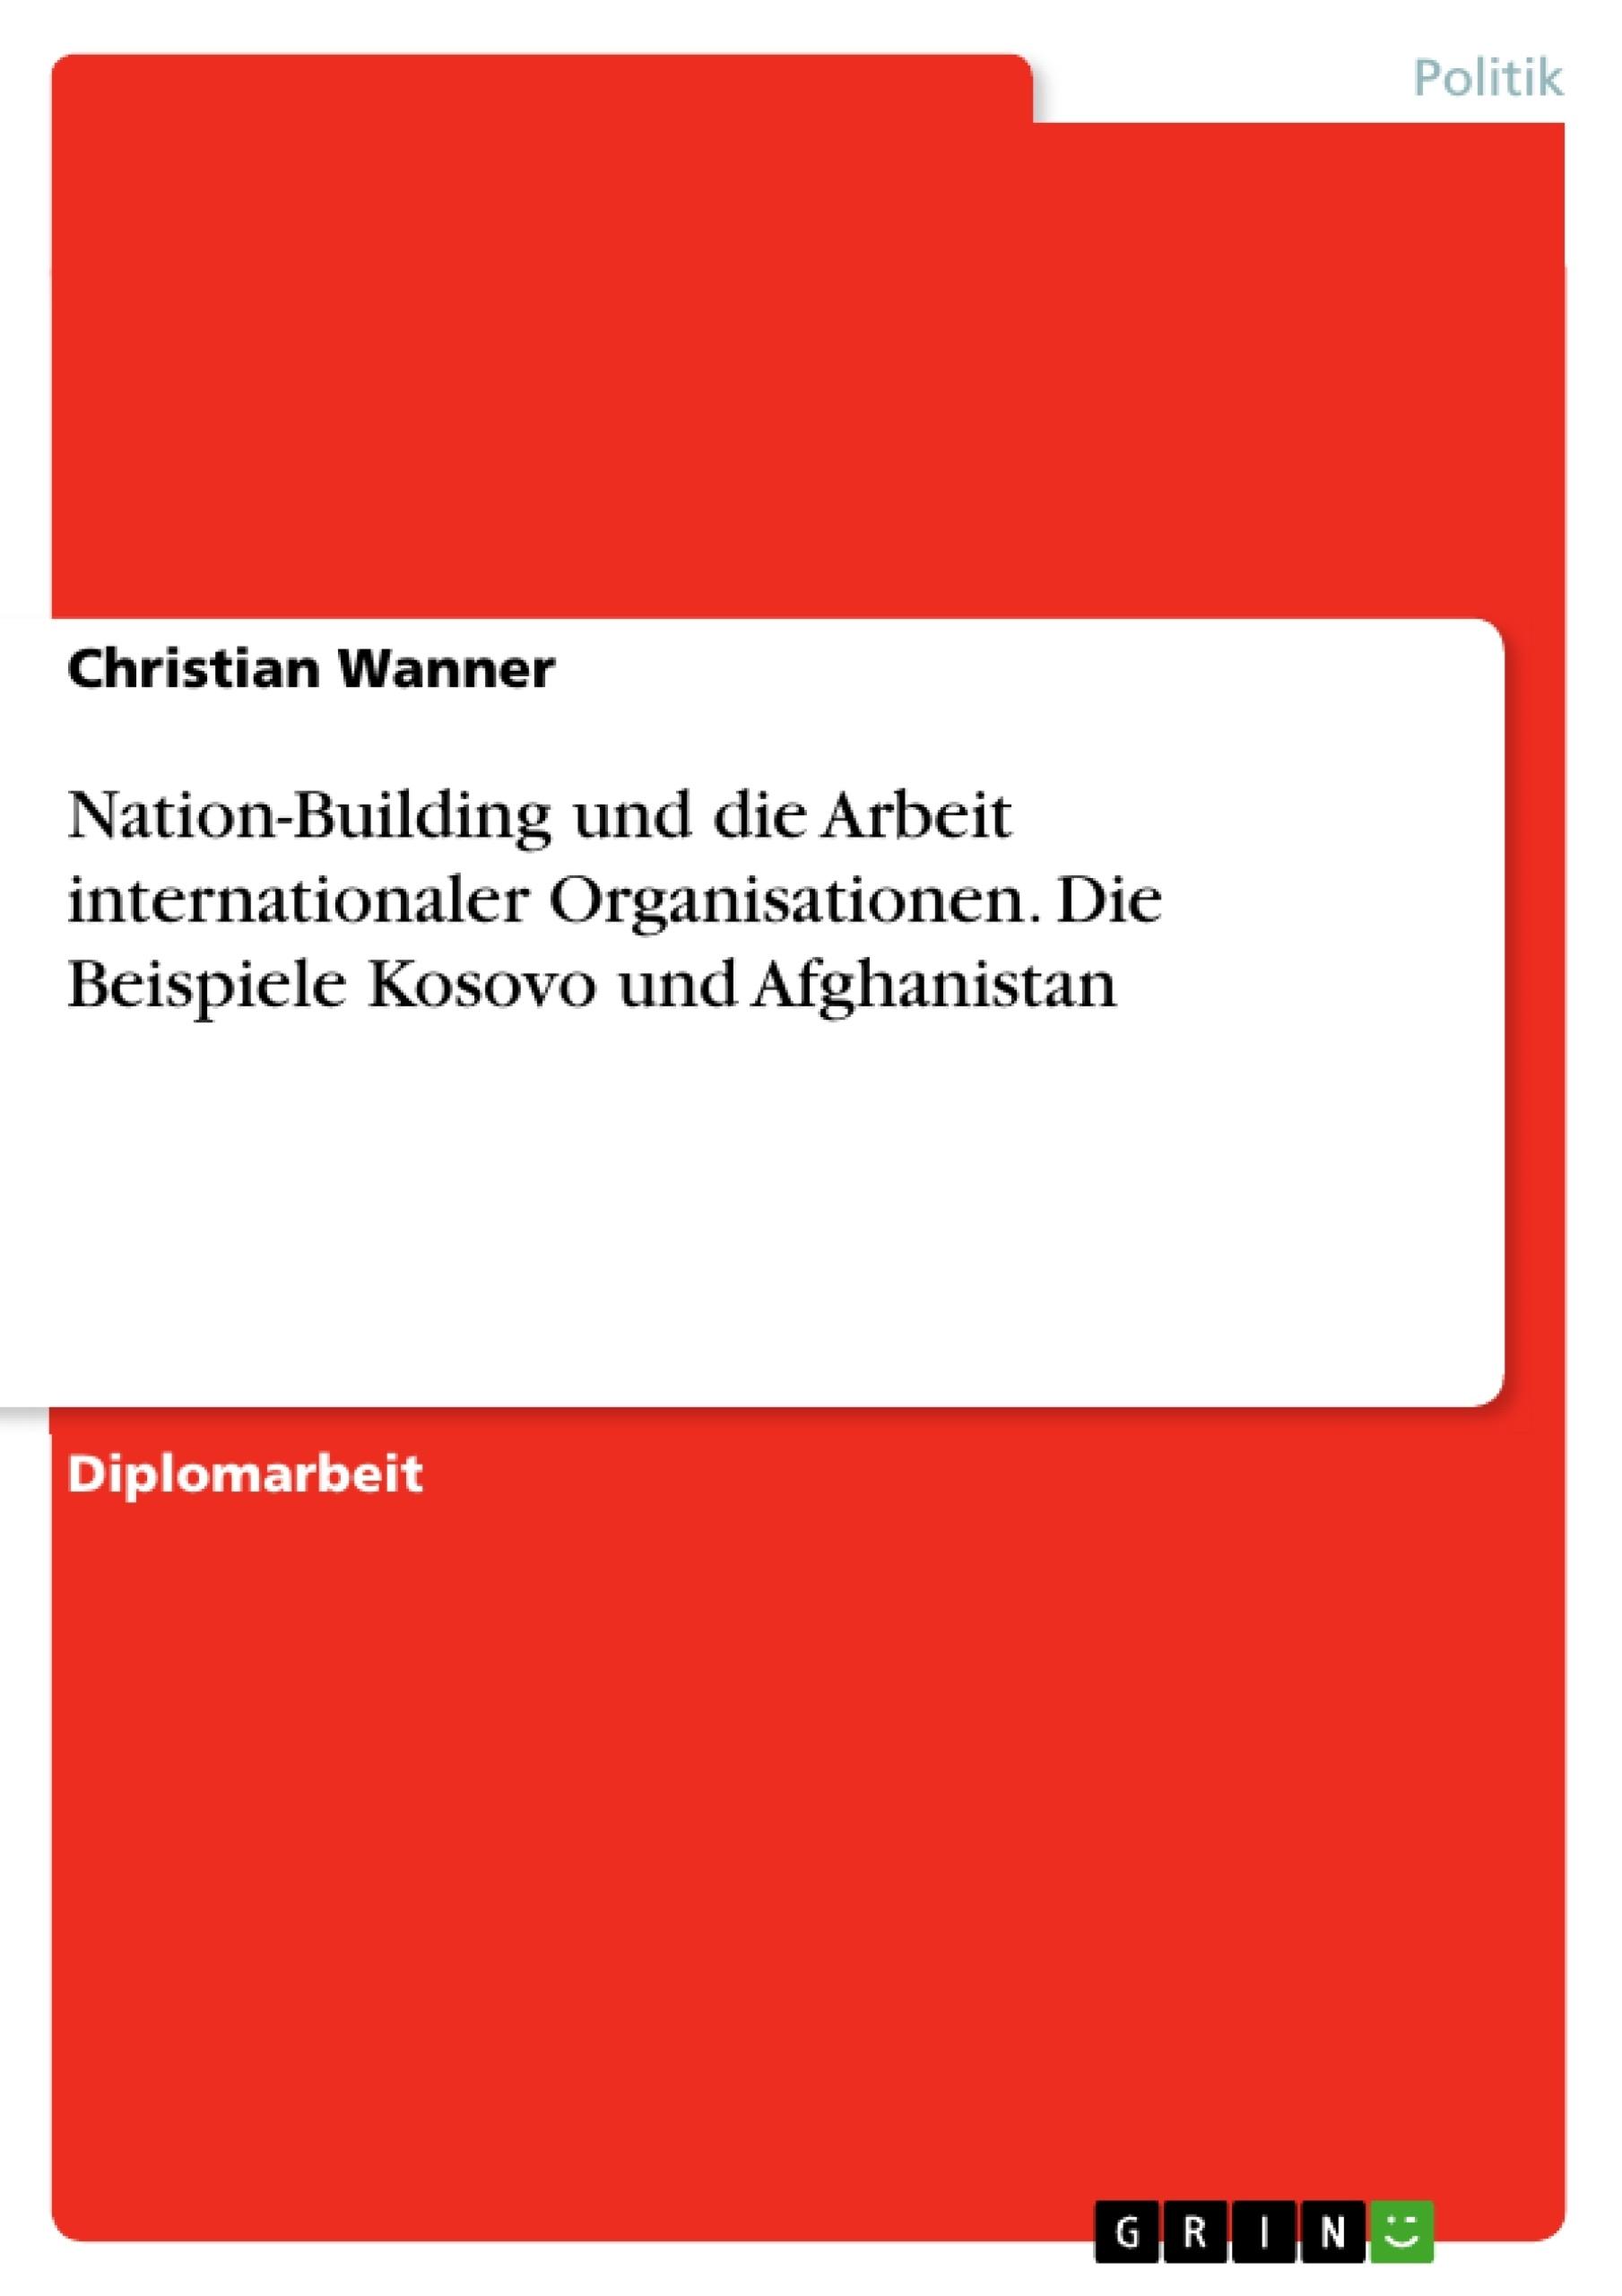 Titel: Nation-Building und die Arbeit internationaler Organisationen. Die Beispiele Kosovo und Afghanistan